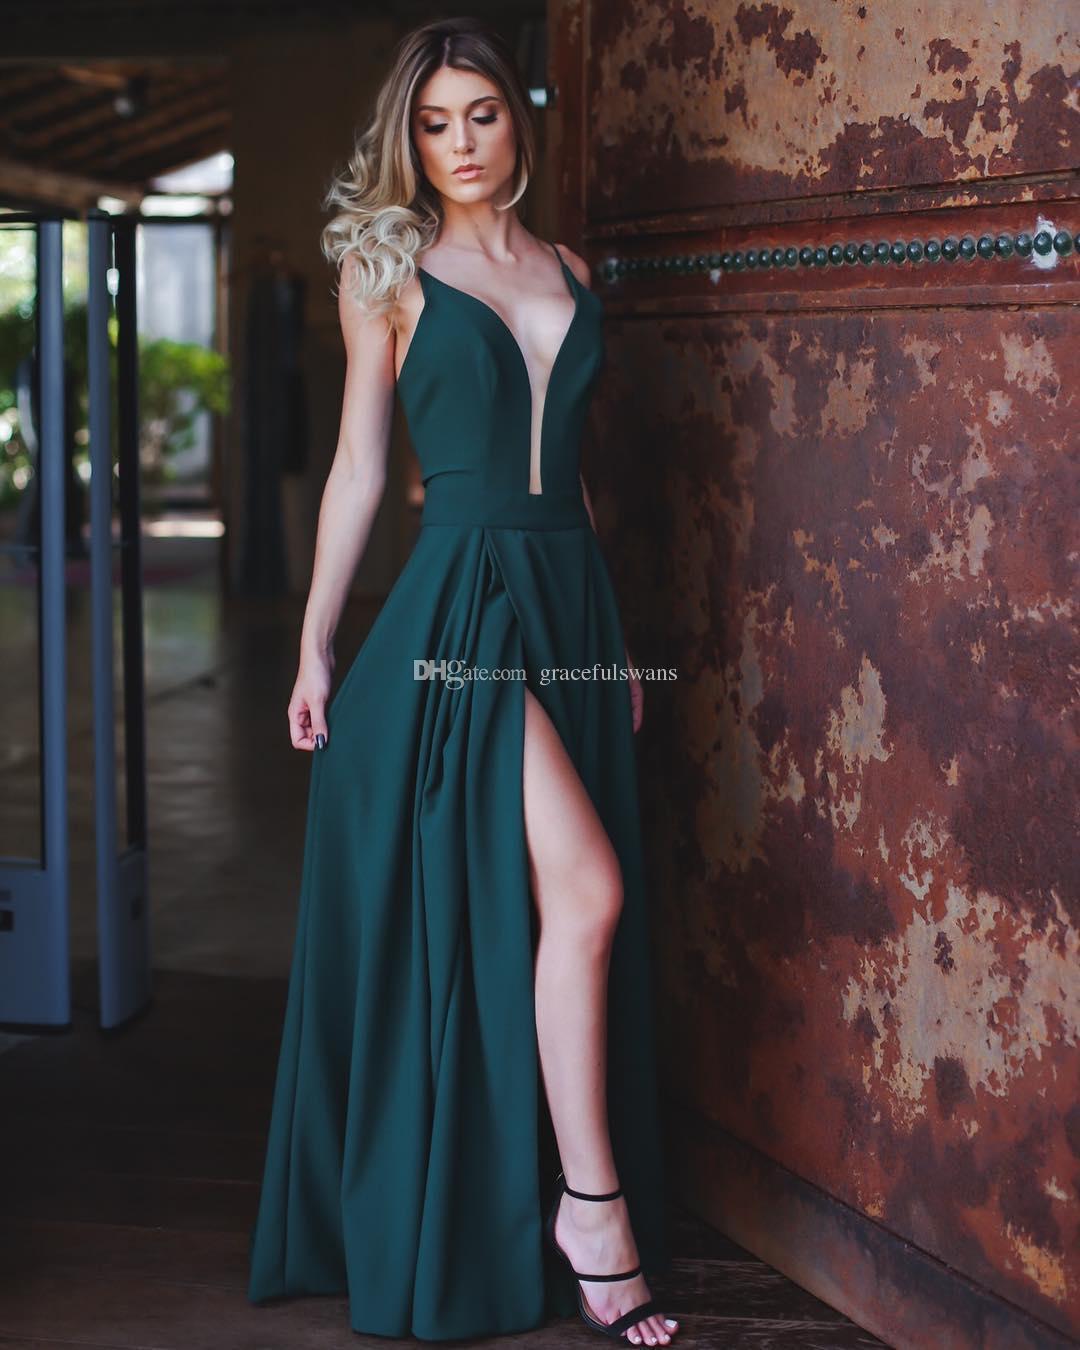 Jambe haute fentes robes de bal sexy 2019 robes en V devant robes formelles pour les filles soirée soirée bretelles spaghetti mousseline de soie robes de bal